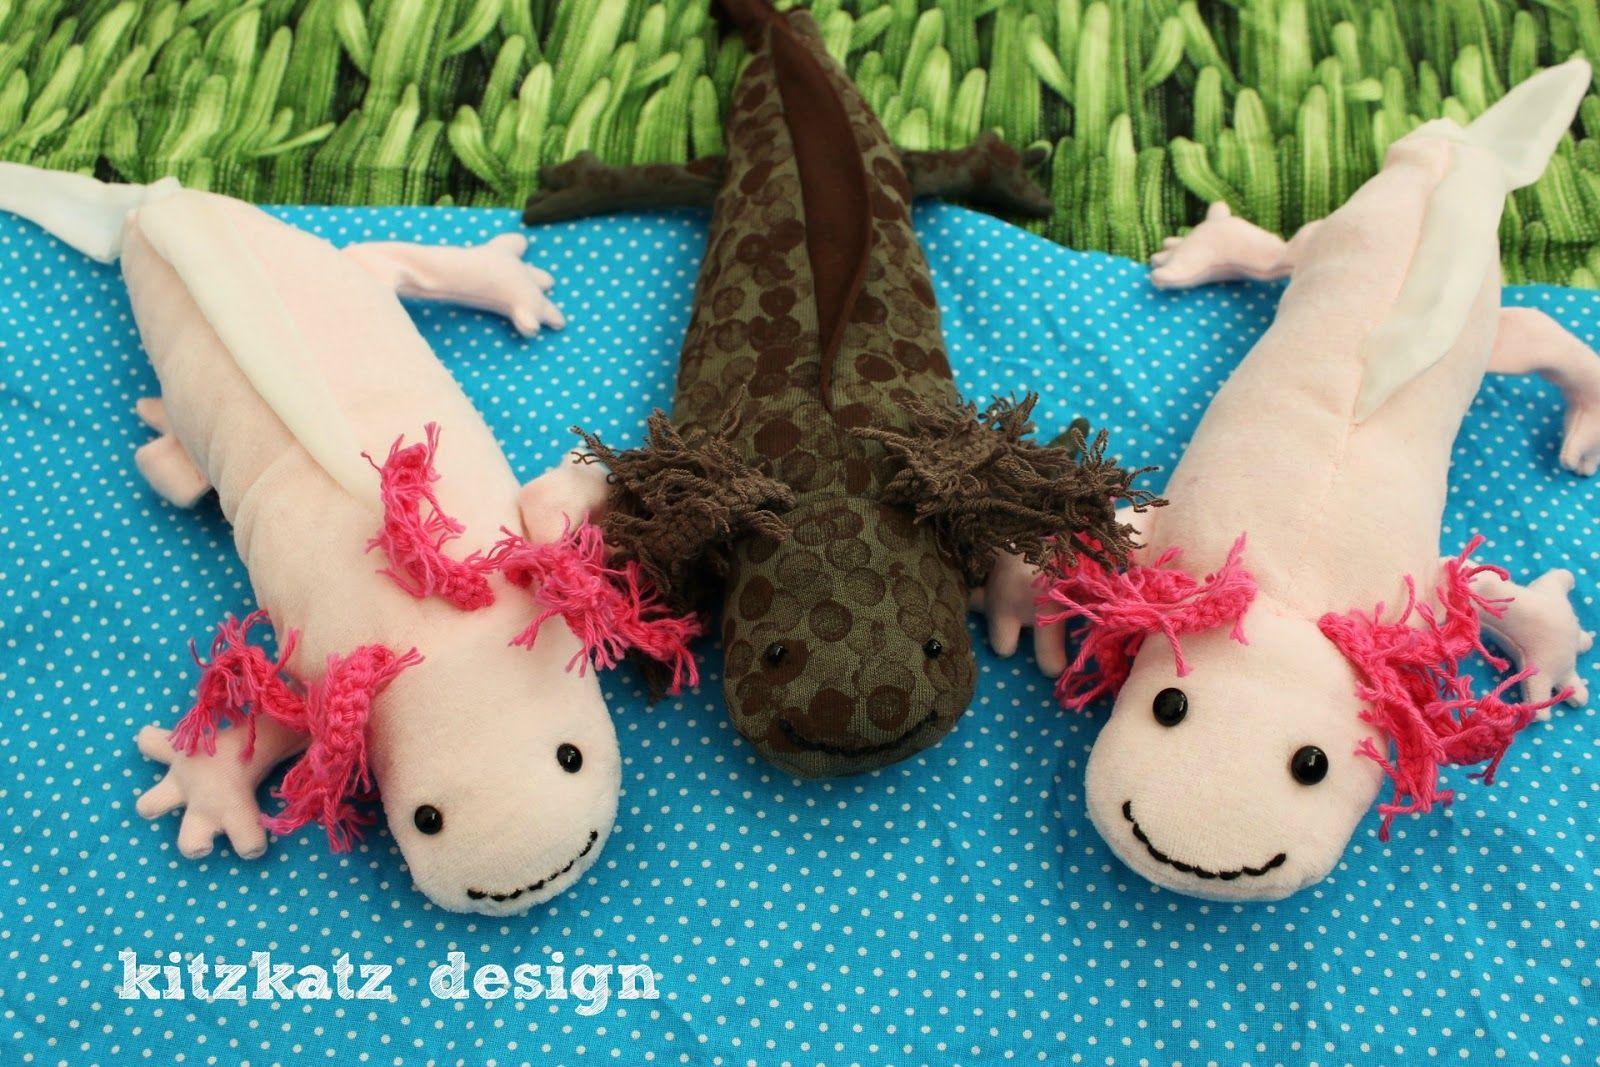 kitzkatz design: Näh dir deinen Axolotl Gratis Schnittmuster und ...